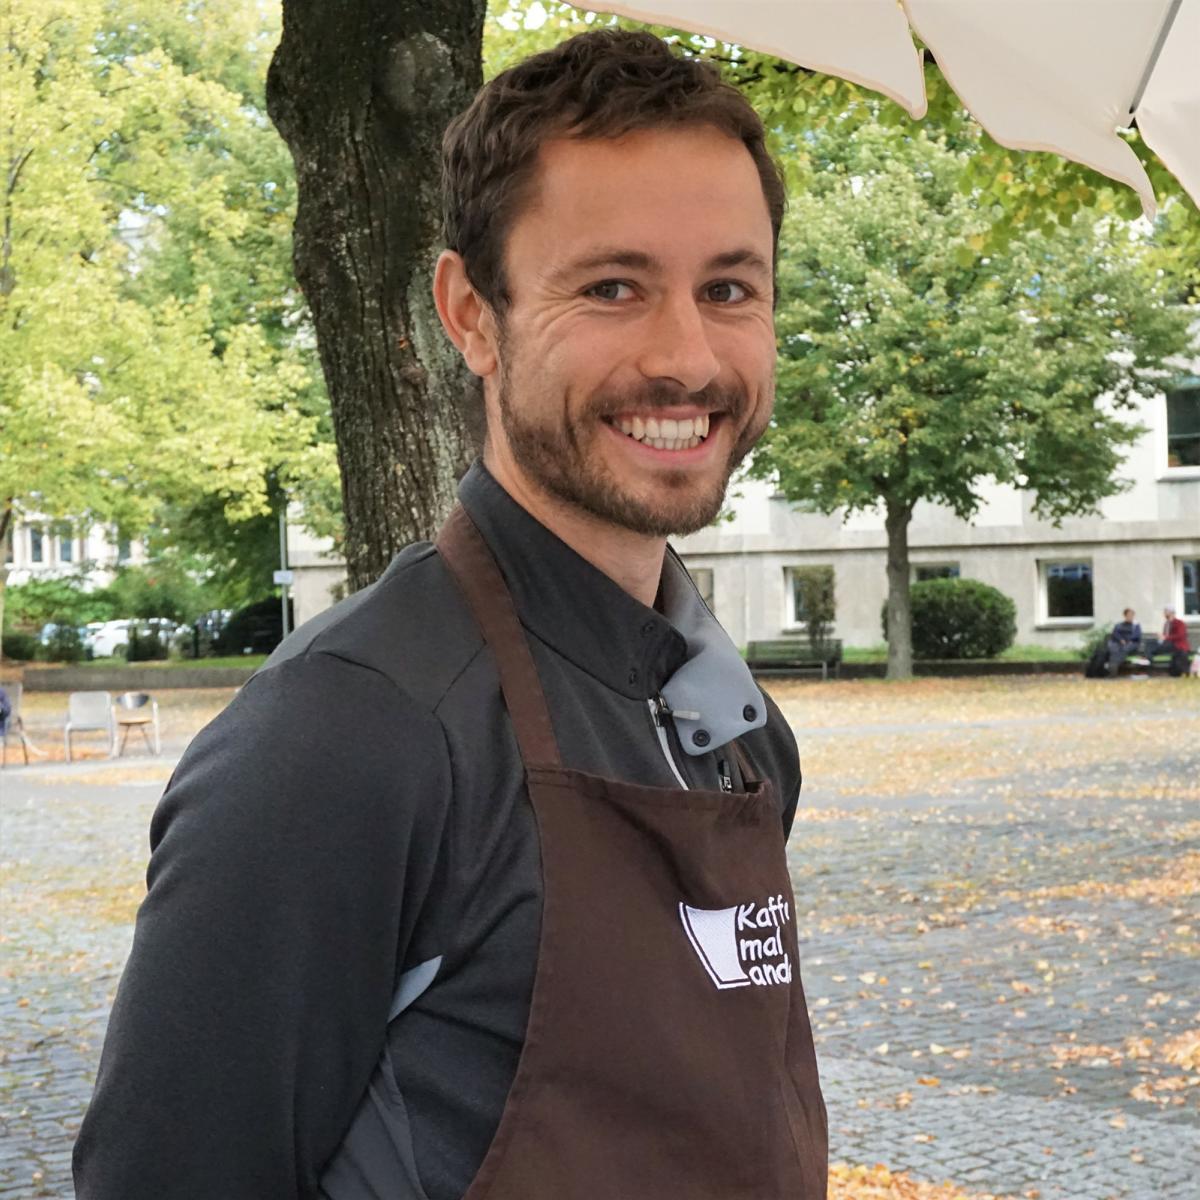 Style Hannover Kaffee mal anders 2.jpeg - Kaffee mal anders - kalt statt warm